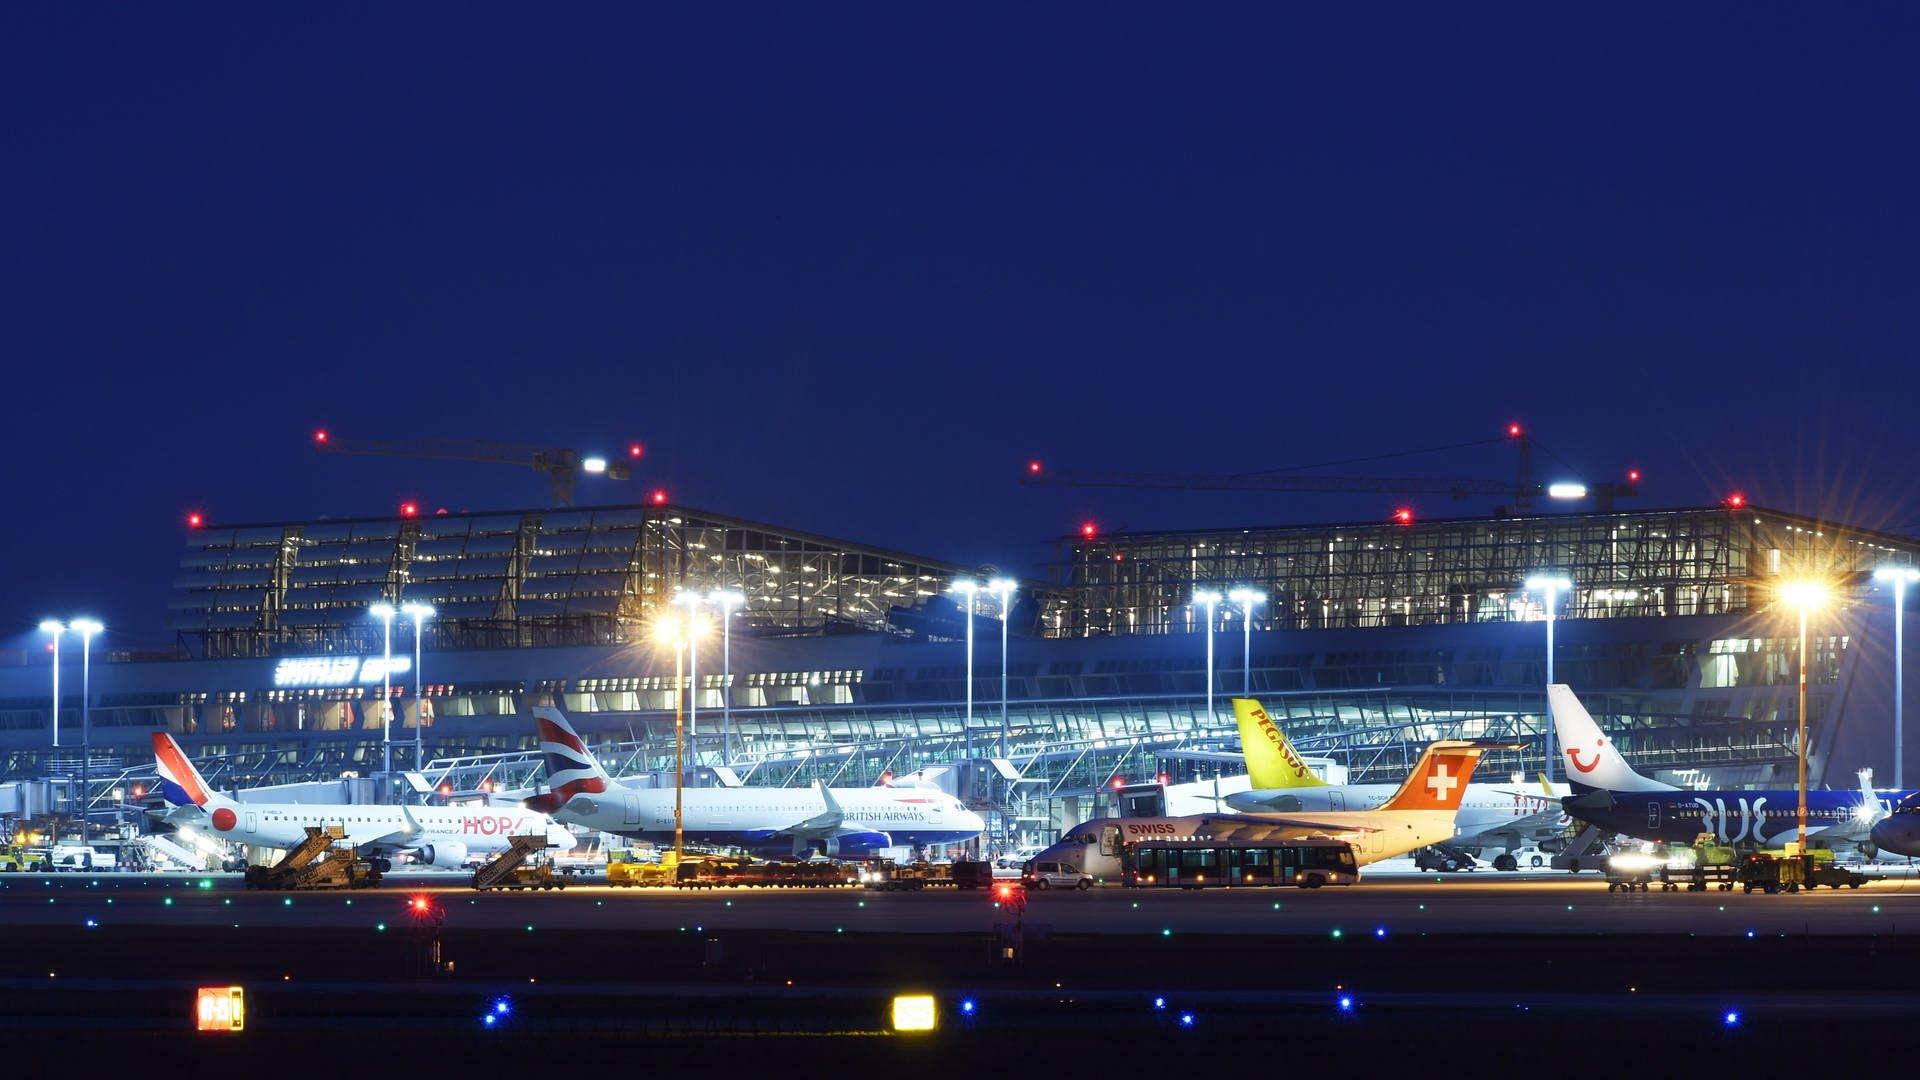 Warnstreiks Sorgen Für Ausfälle An Bw Flughäfen Swr